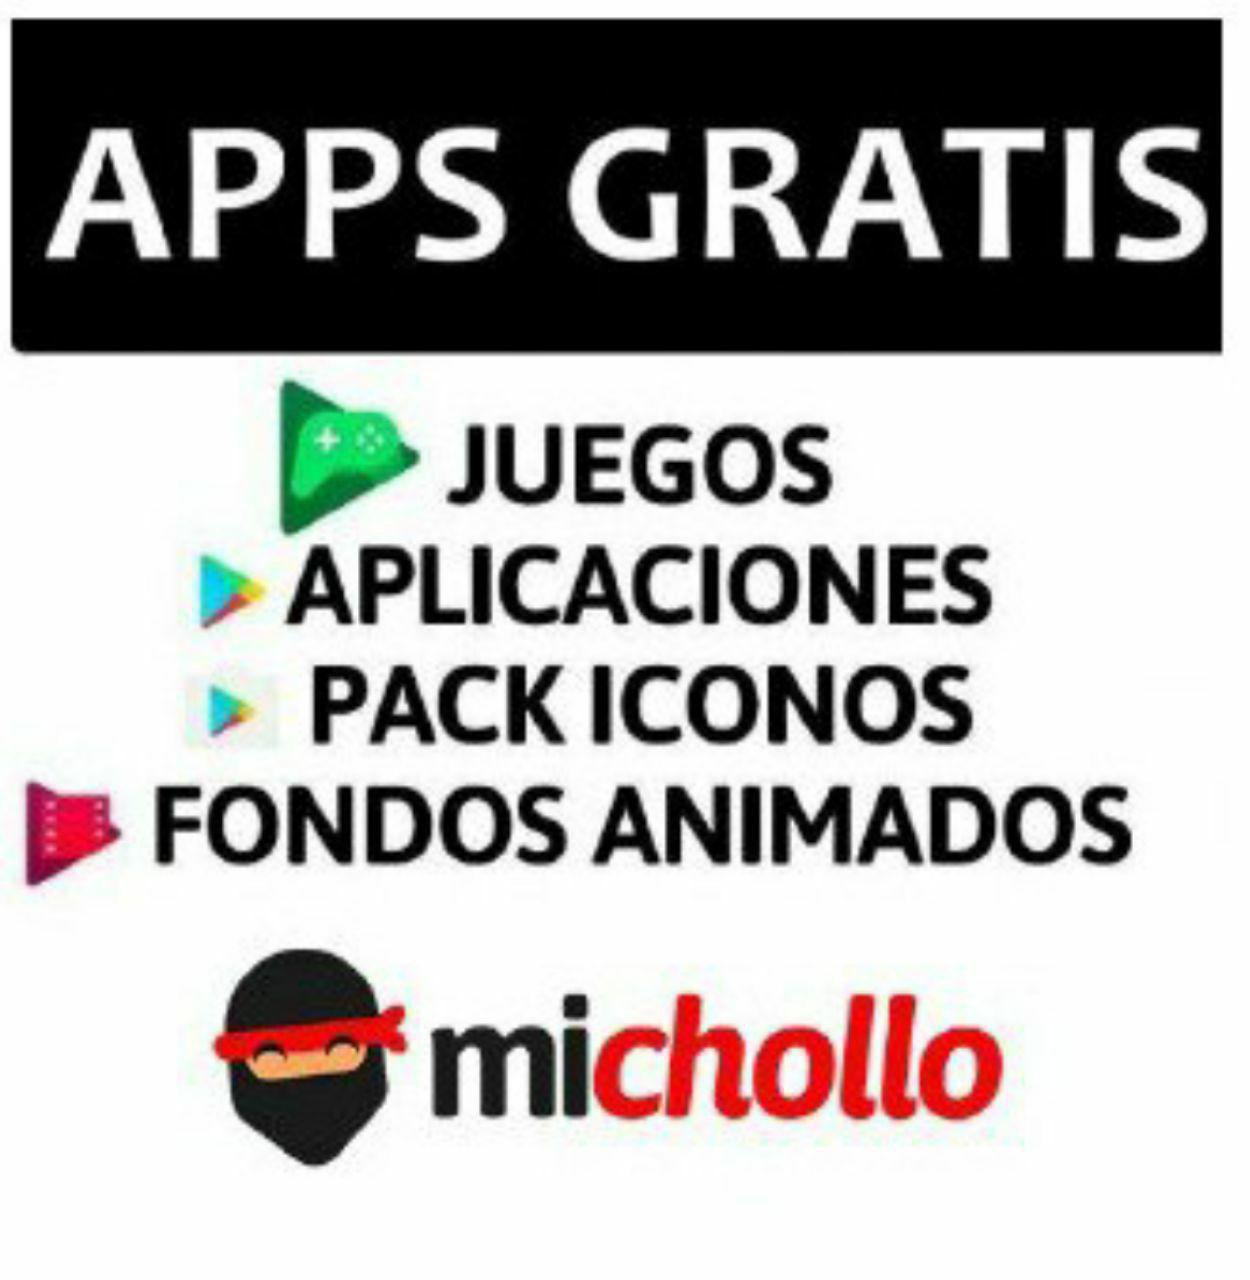 Mejores aplicaciones y juegos gratis Android e iOS